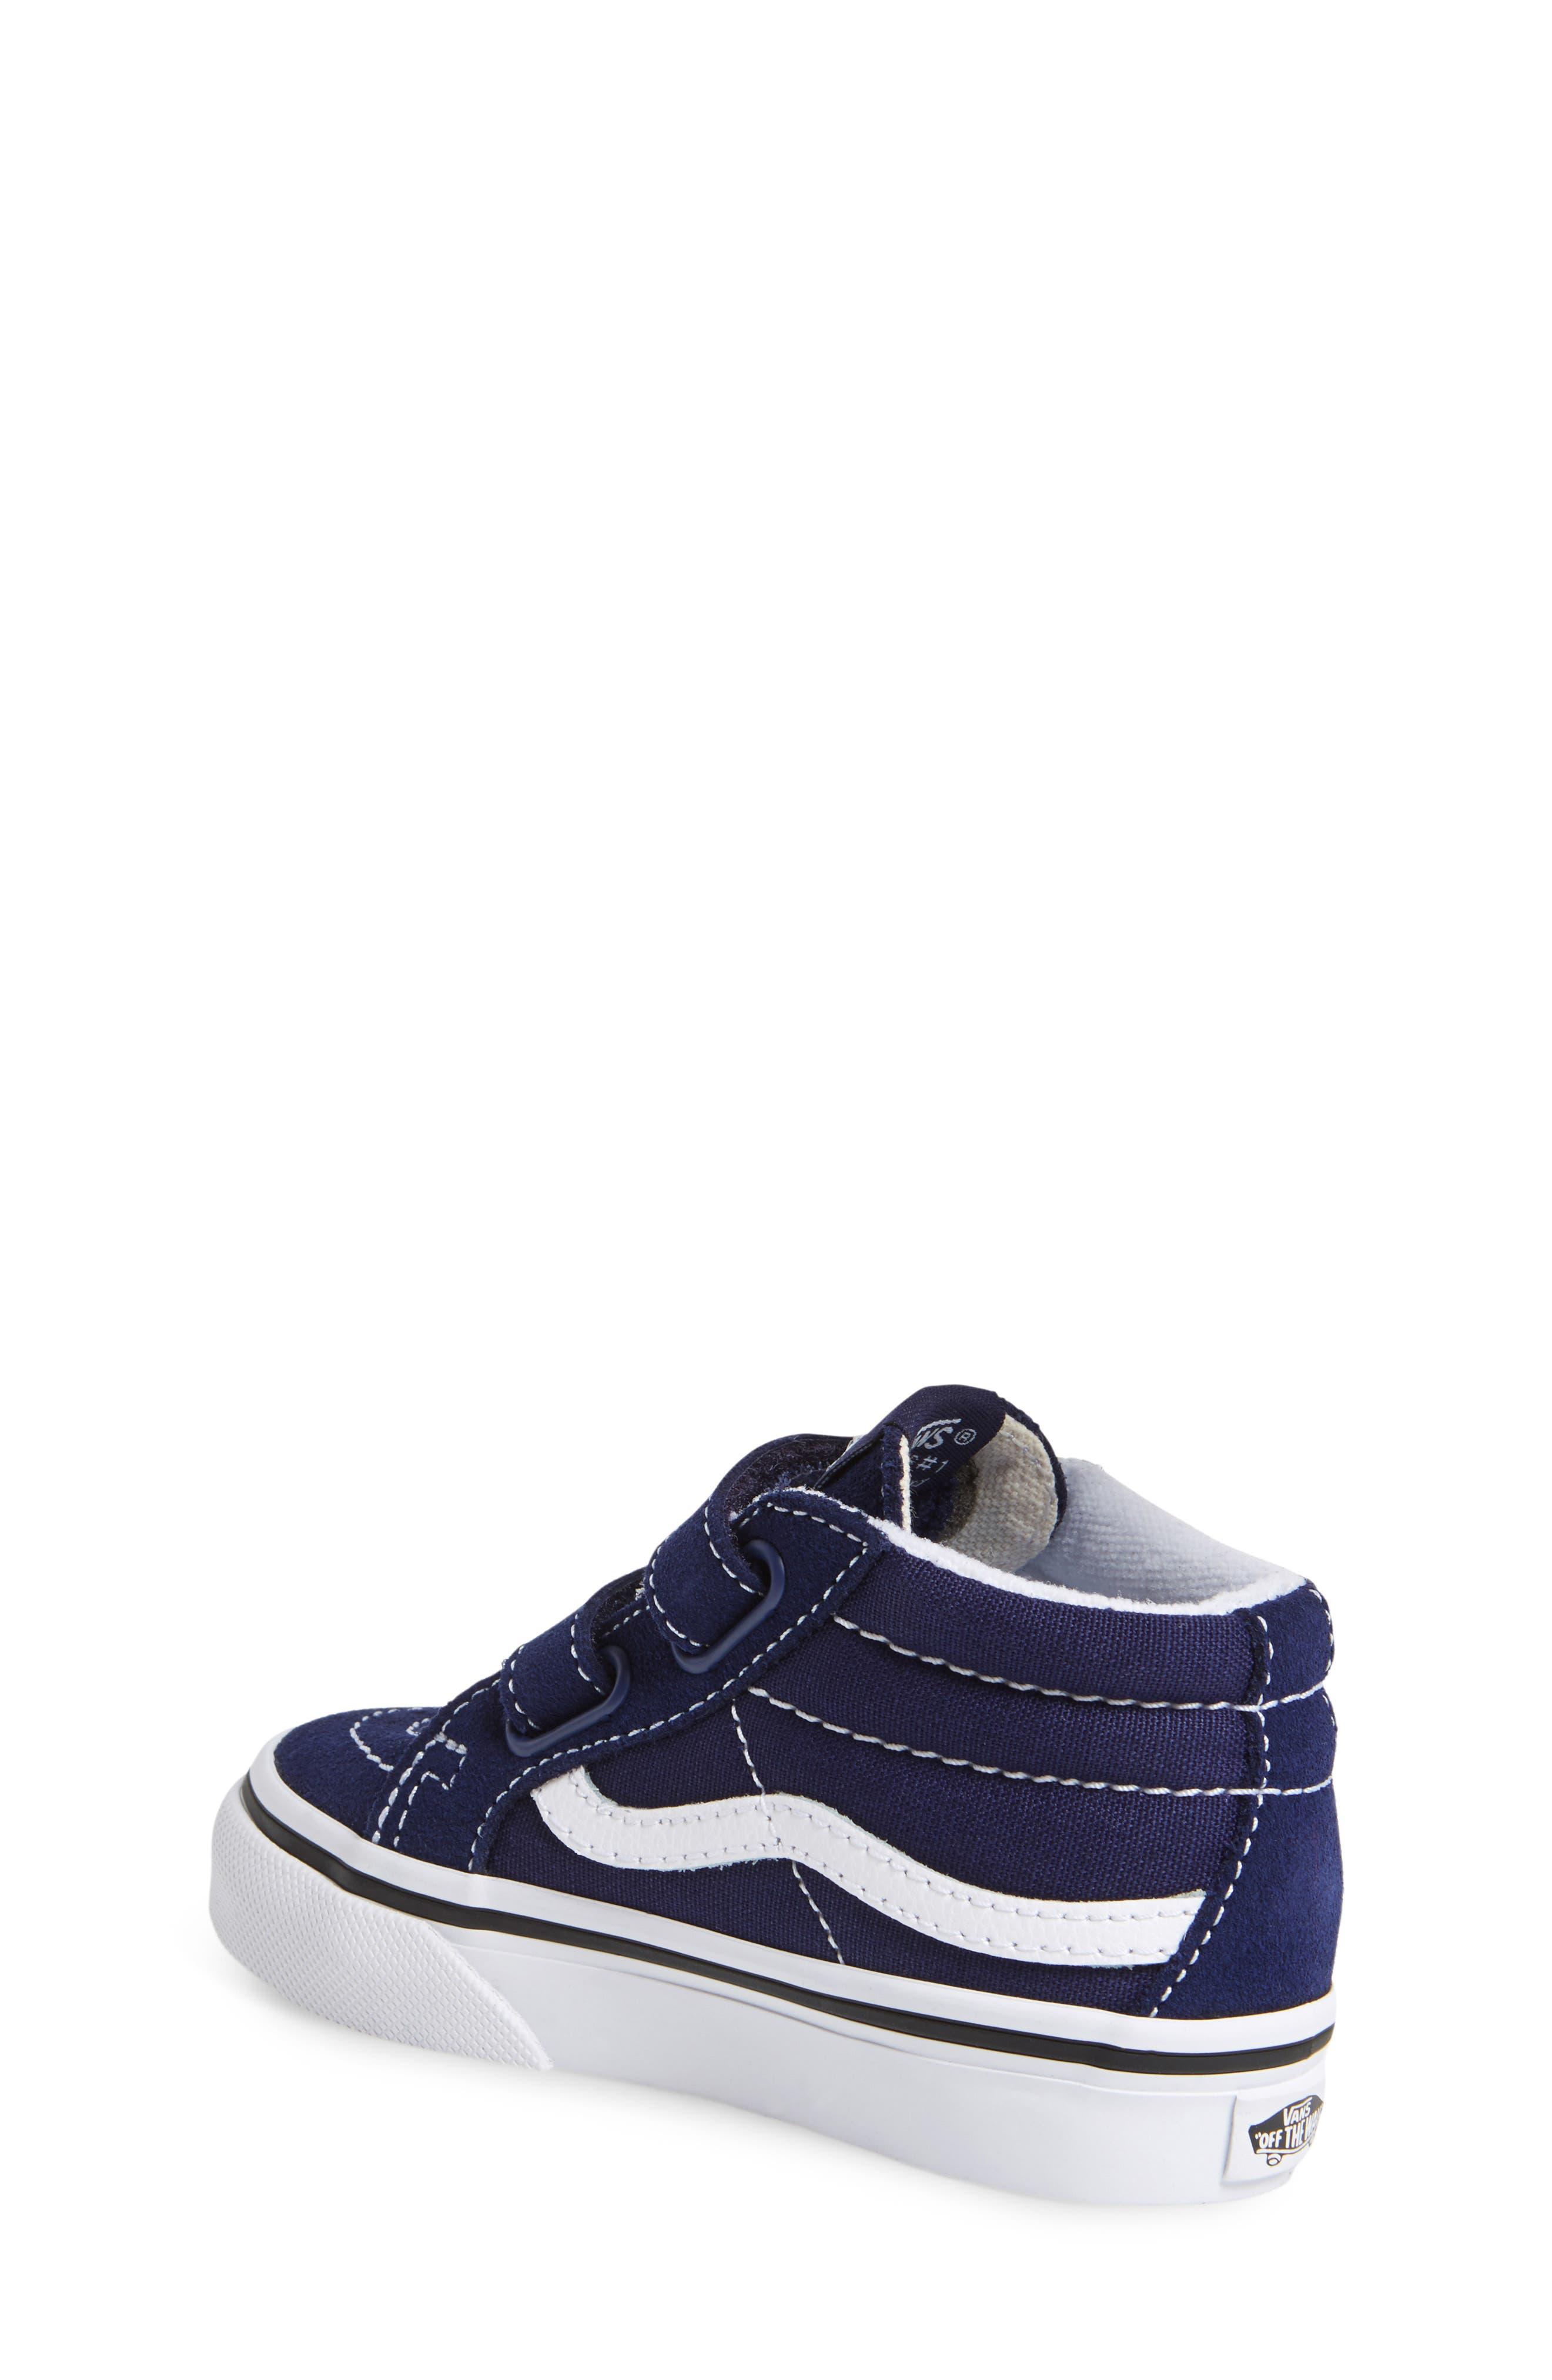 'Sk8-Hi Reissue V' Sneaker,                             Main thumbnail 1, color,                             PATRIOT BLUE/ TRUE WHITE